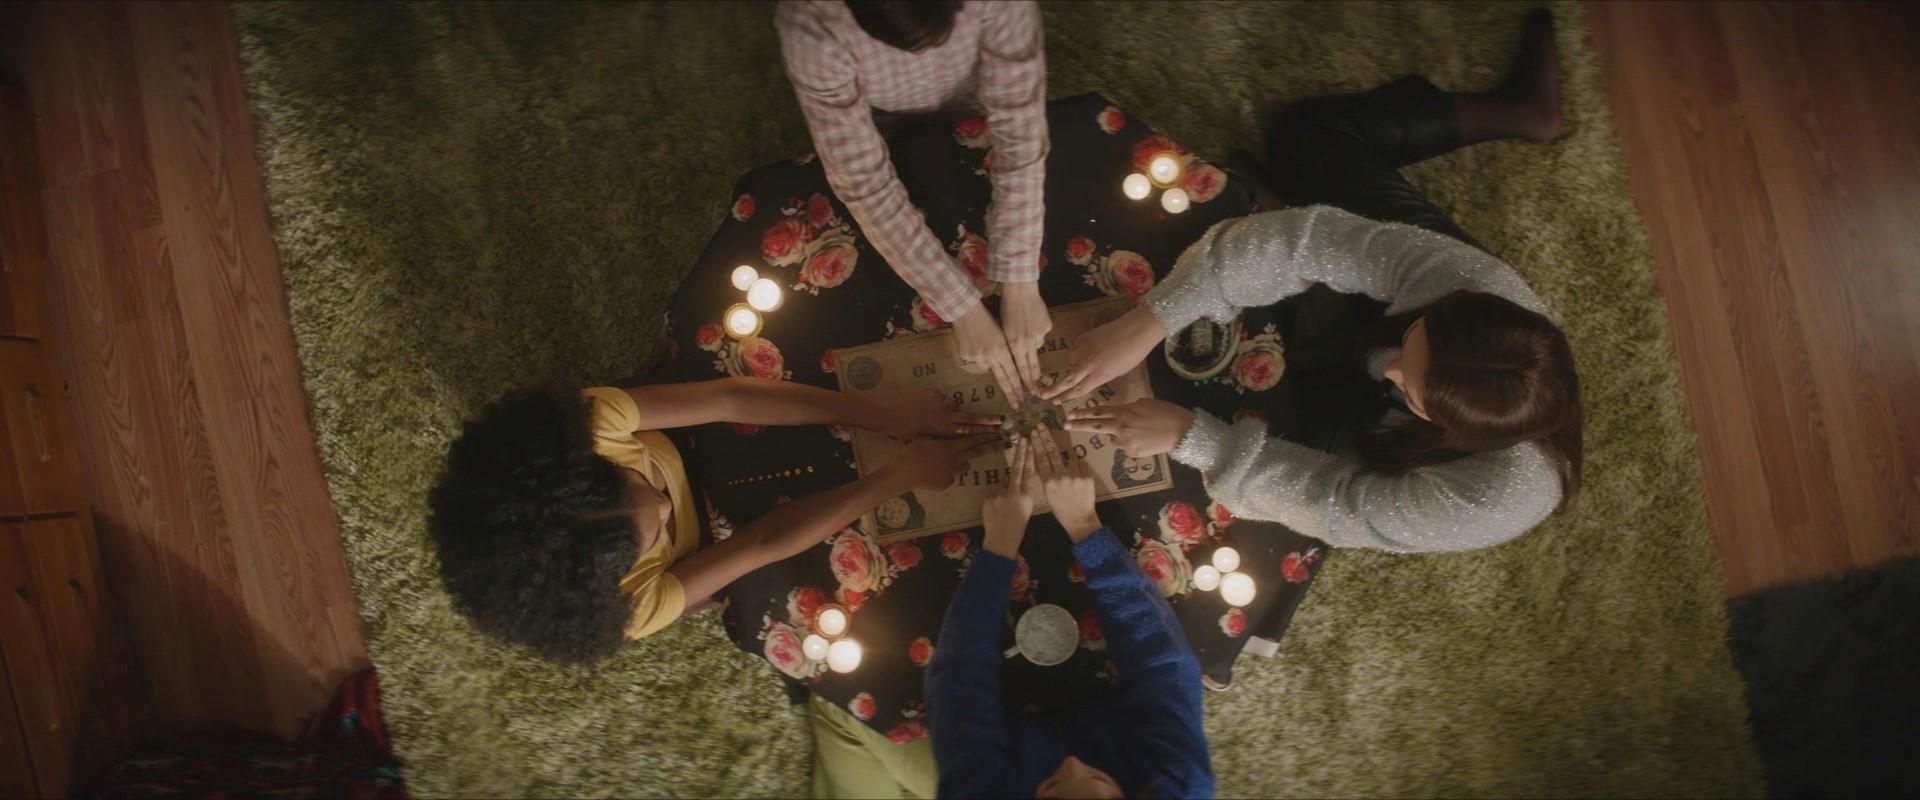 Ám ảnh với những nghi lễ phù thủy trên màn ảnh rộng 6